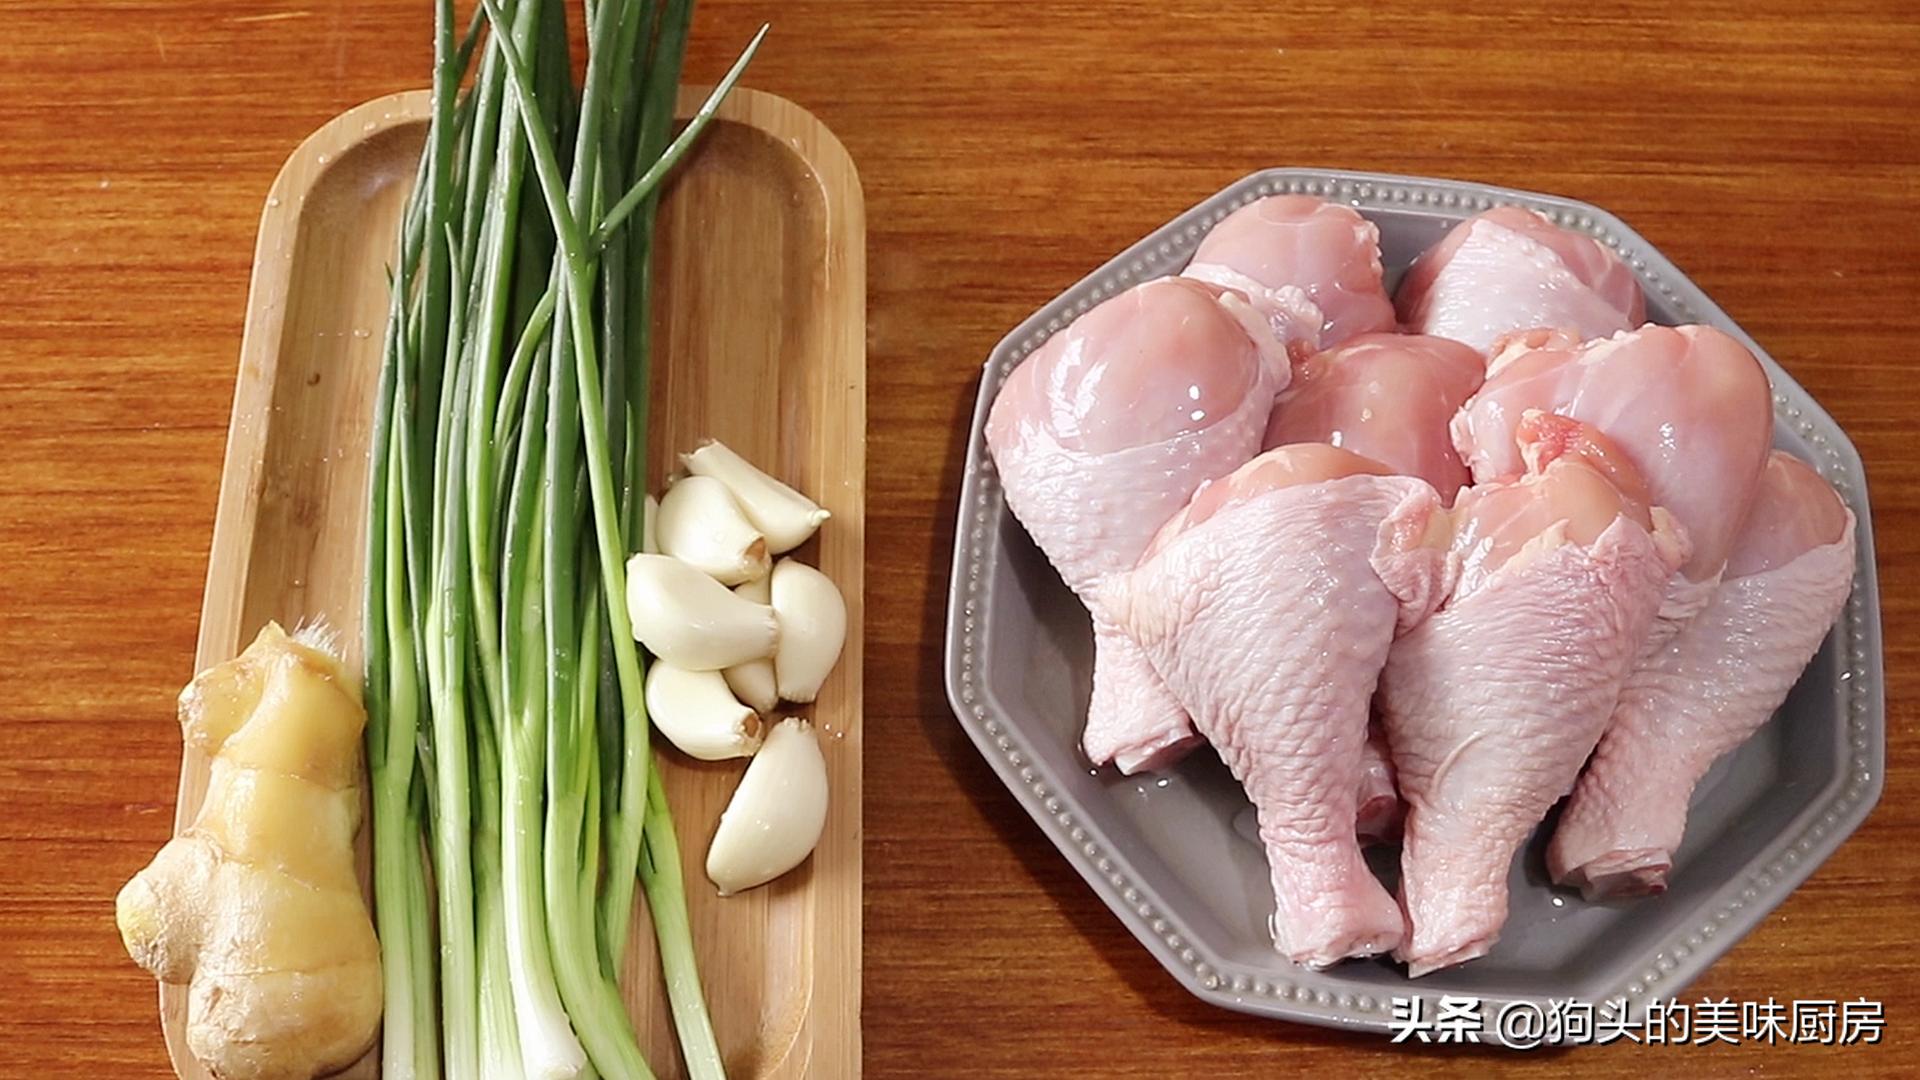 婆婆把2斤鸡腿放进电饭煲,不加水不加油,出锅全家流口水 美食做法 第4张